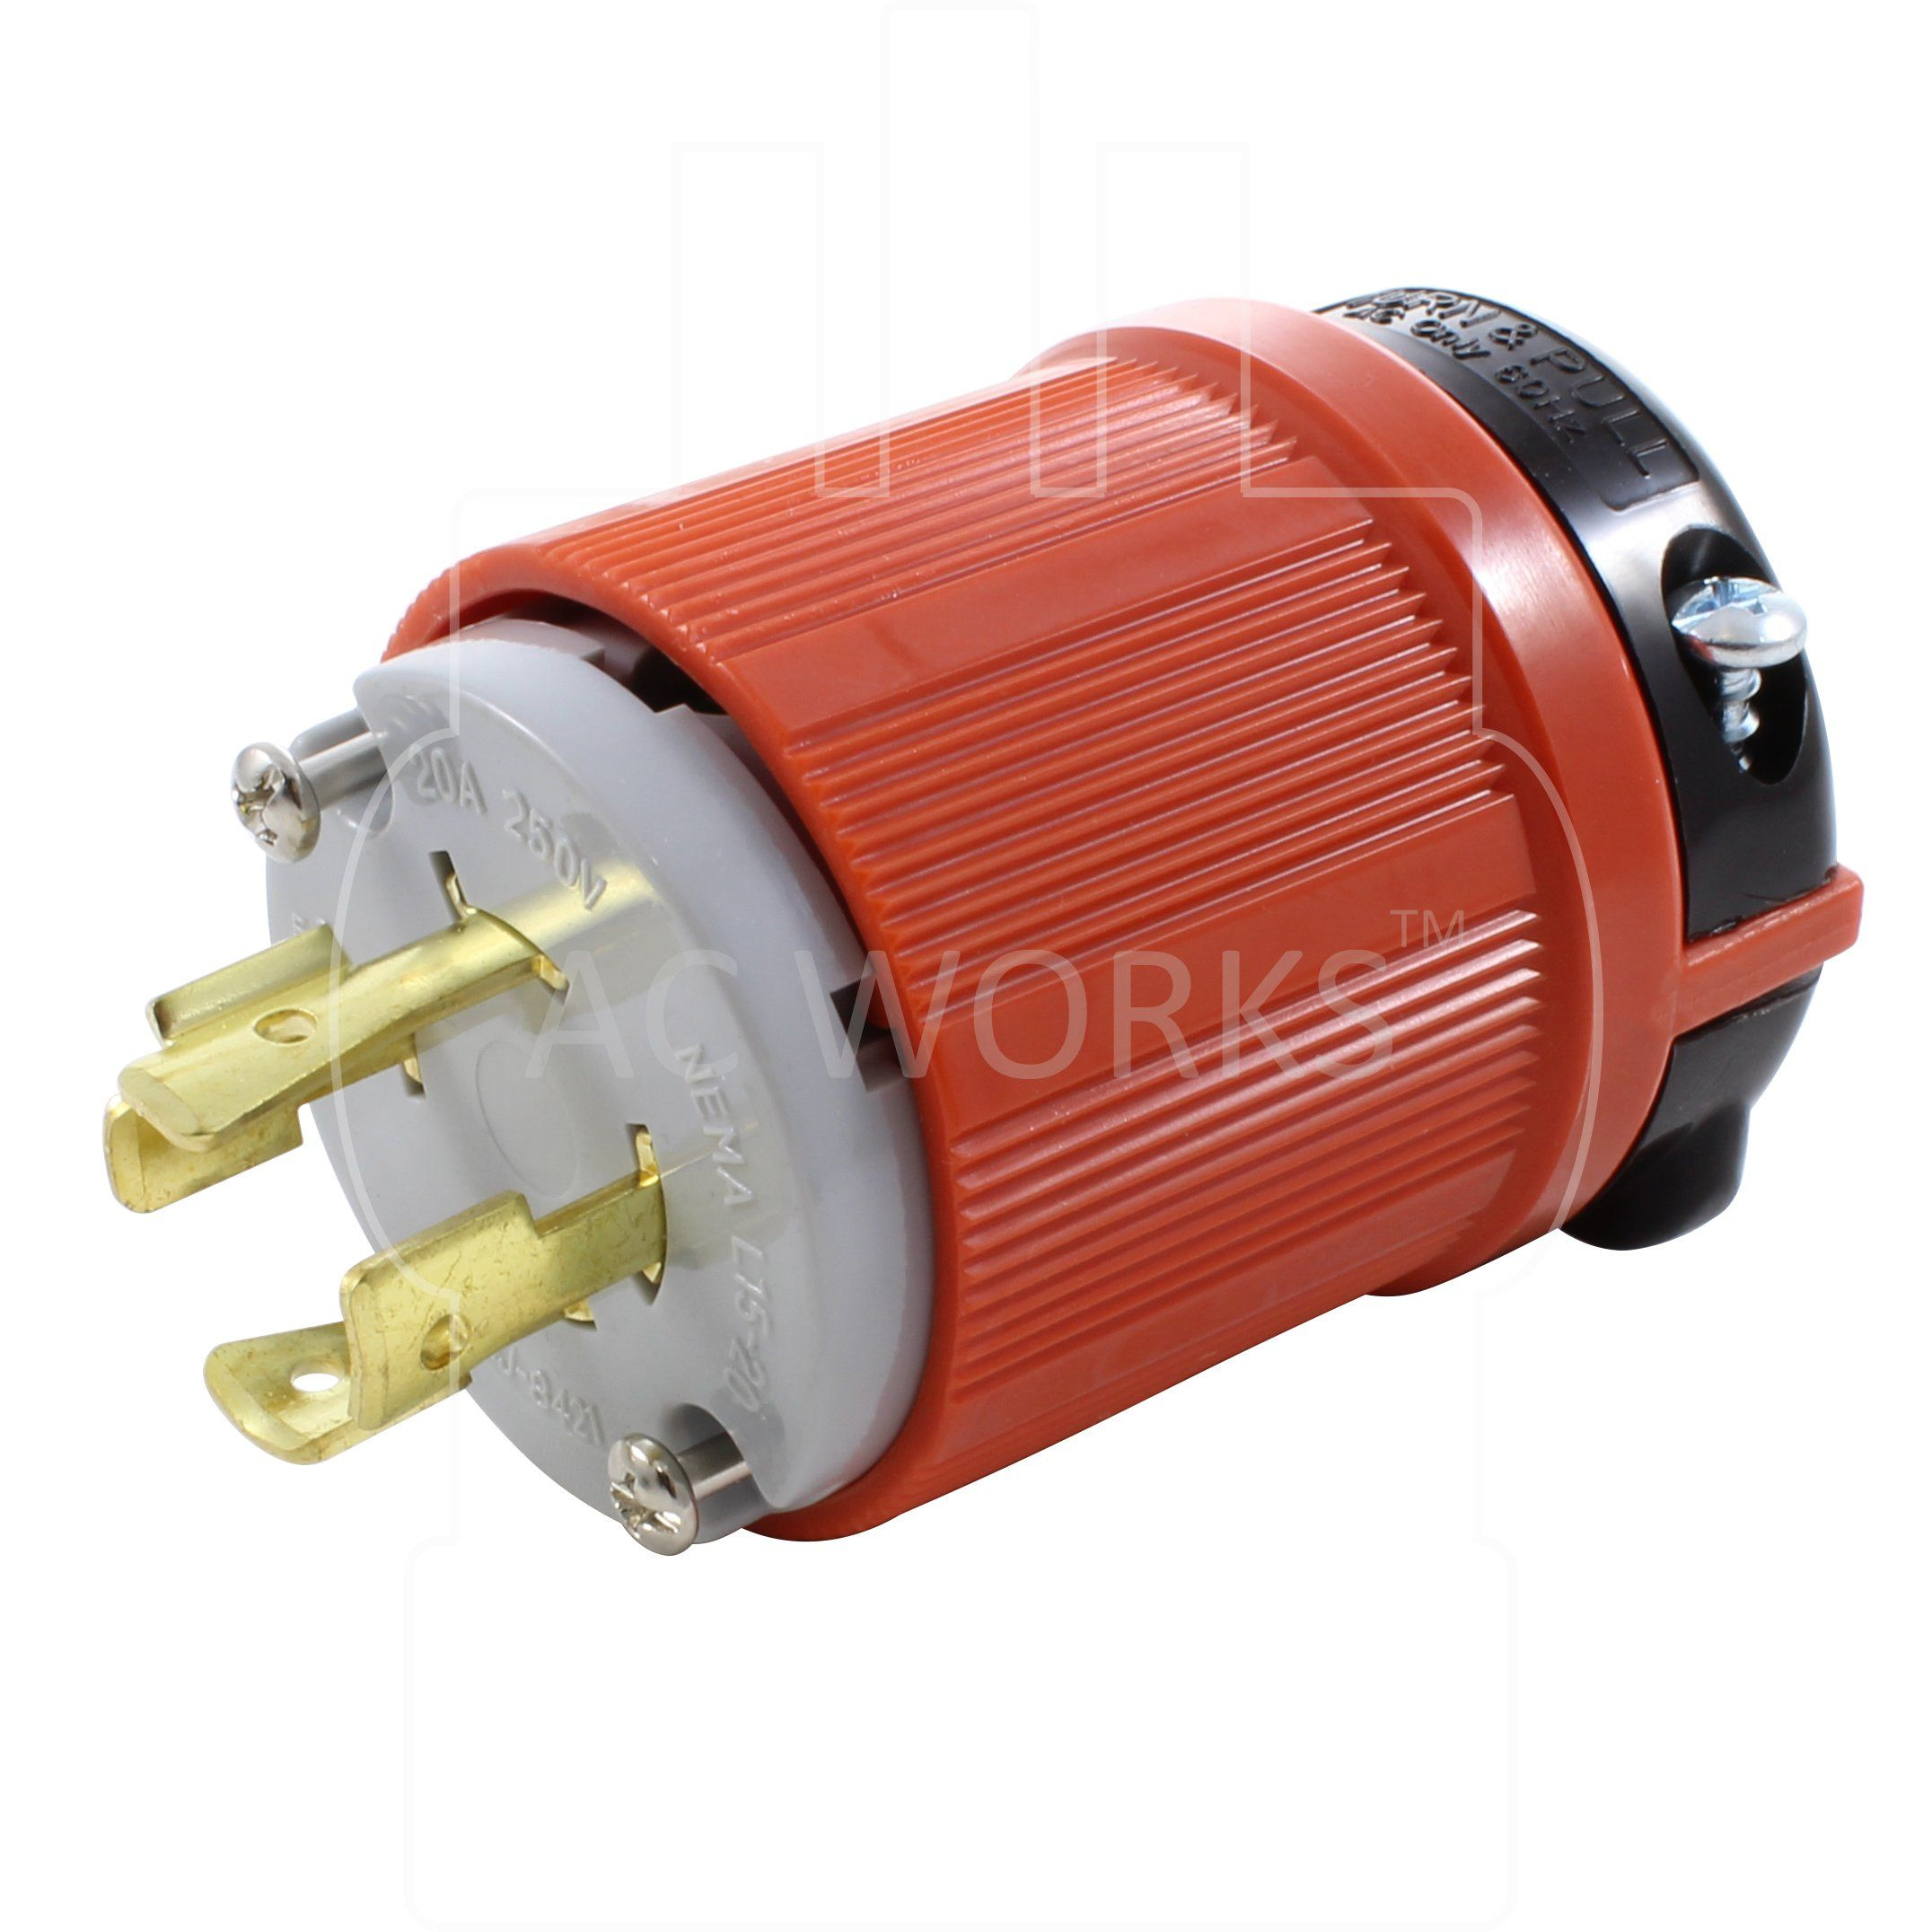 20a 250v 3 Phase Wiring